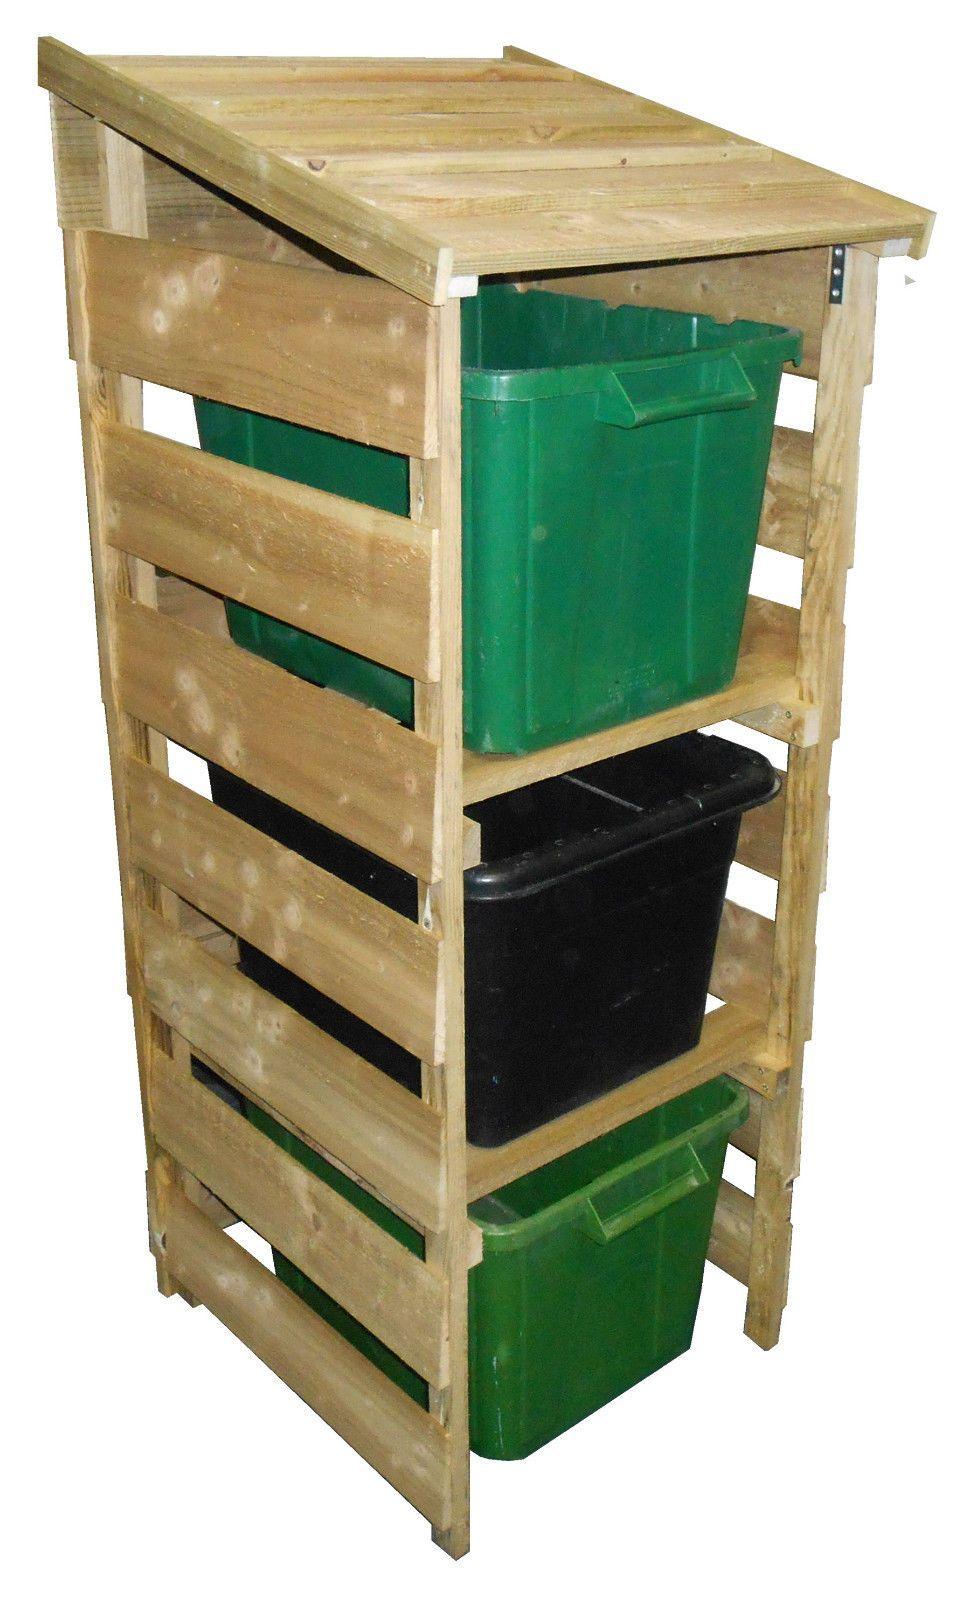 Box Per Bidoni Spazzatura pin by francesca marletto on bidoni della spazzatura